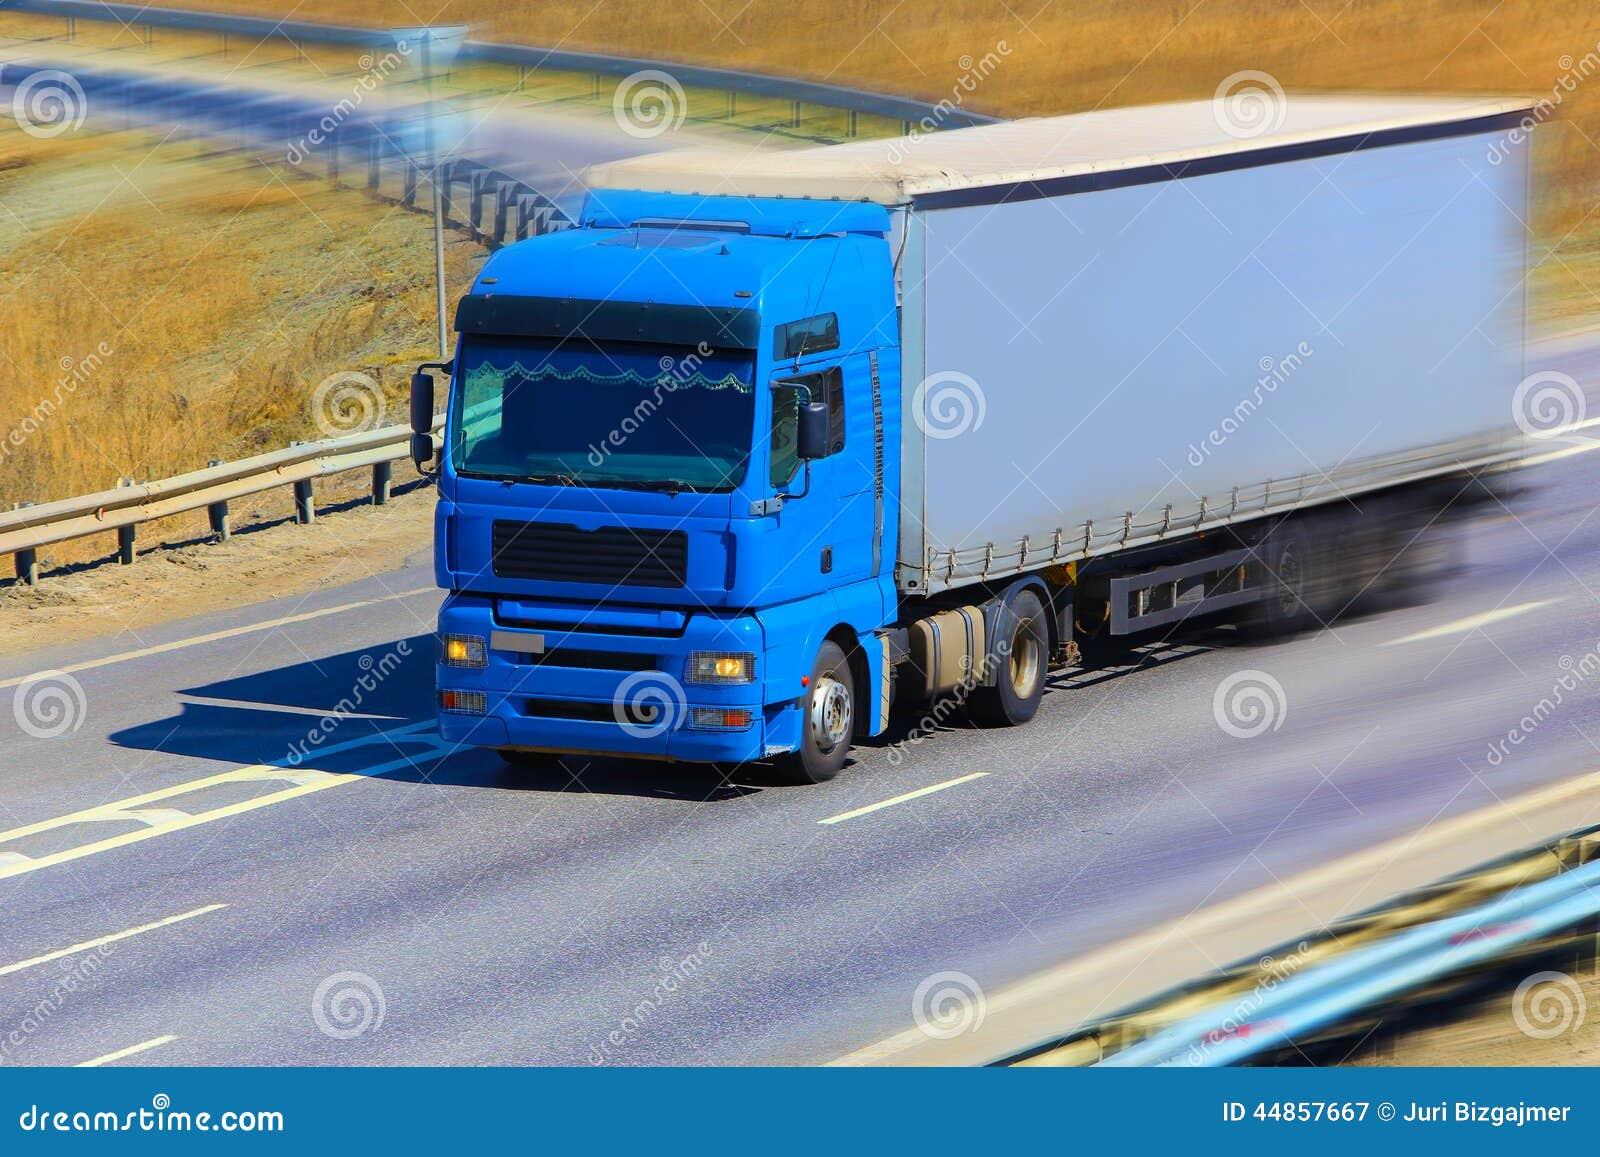 El camión se mueve en la carretera